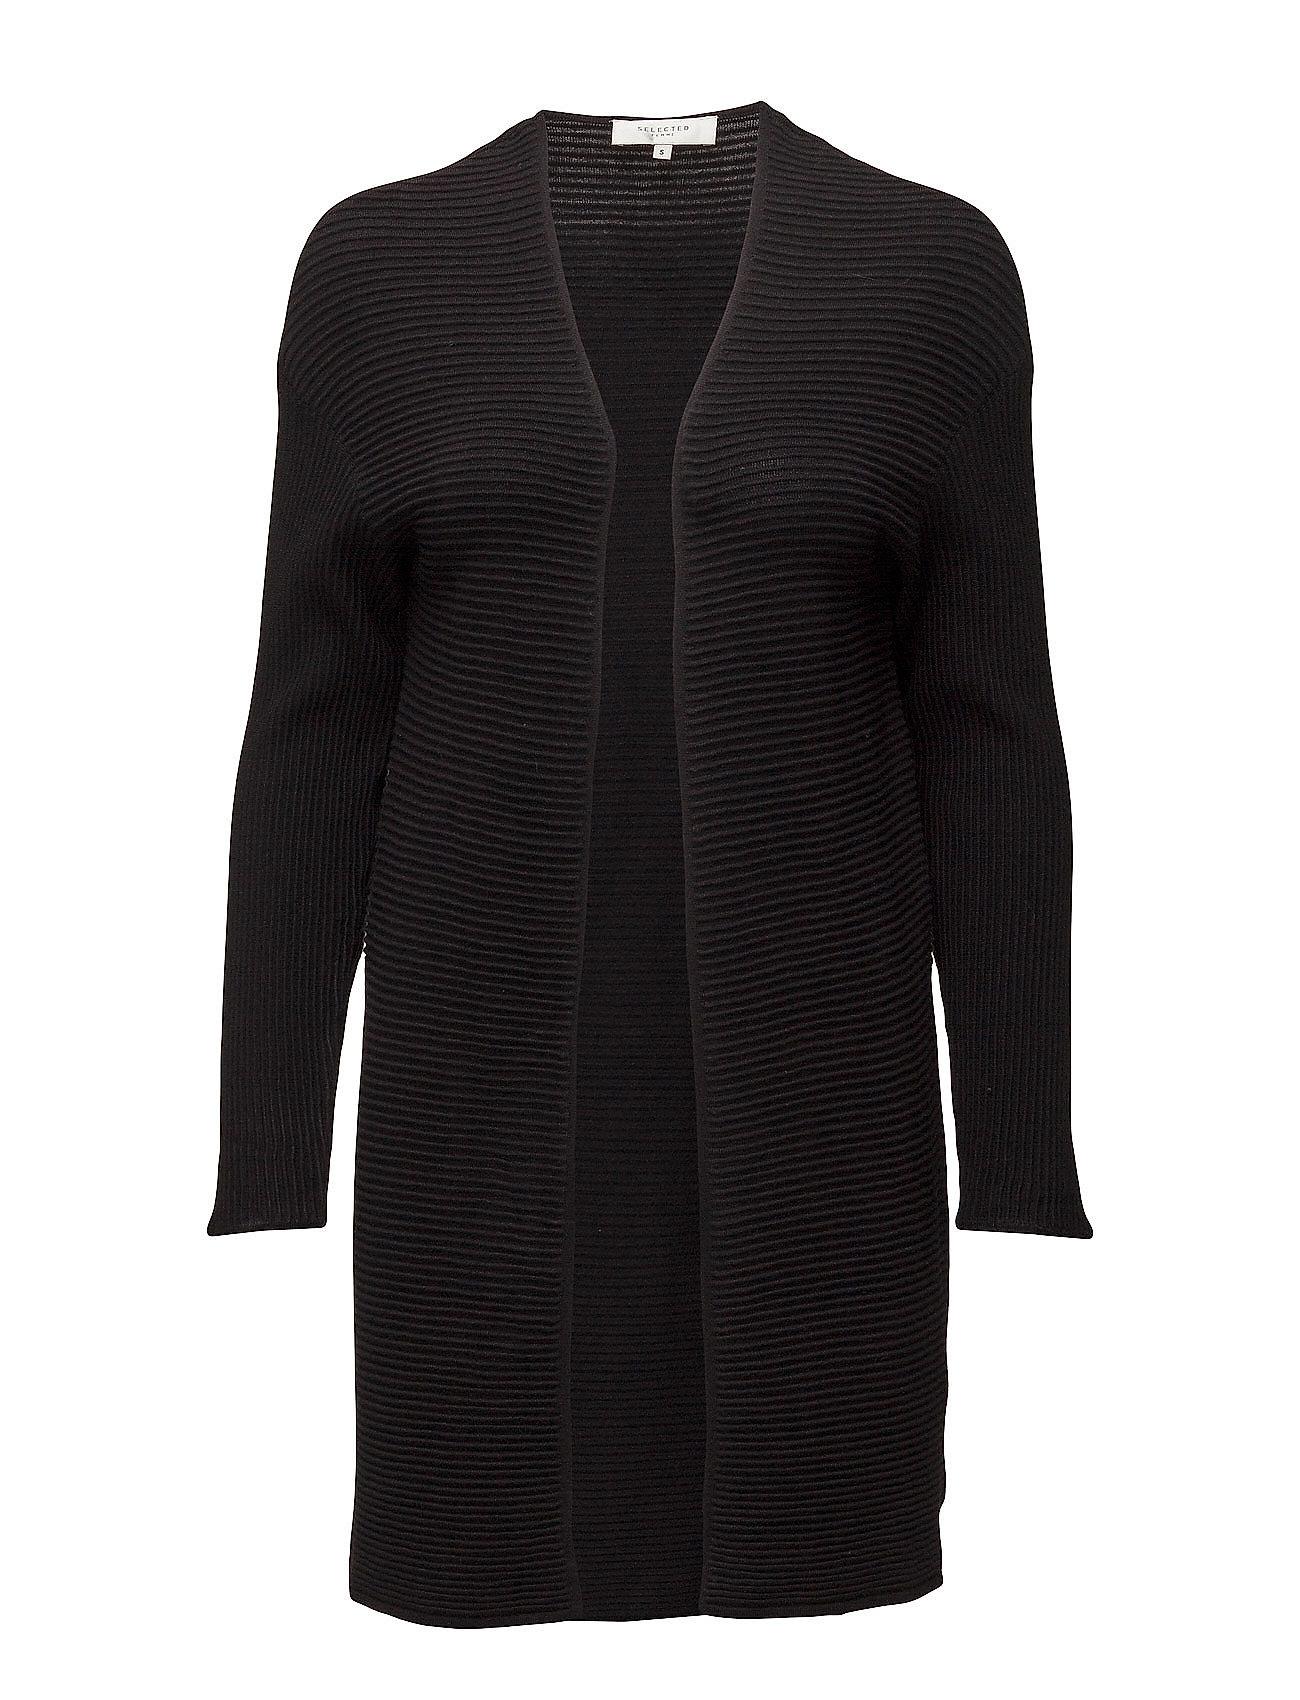 Sfaura Ls Knit Cardigan Selected Femme Cardigans til Damer i Sort